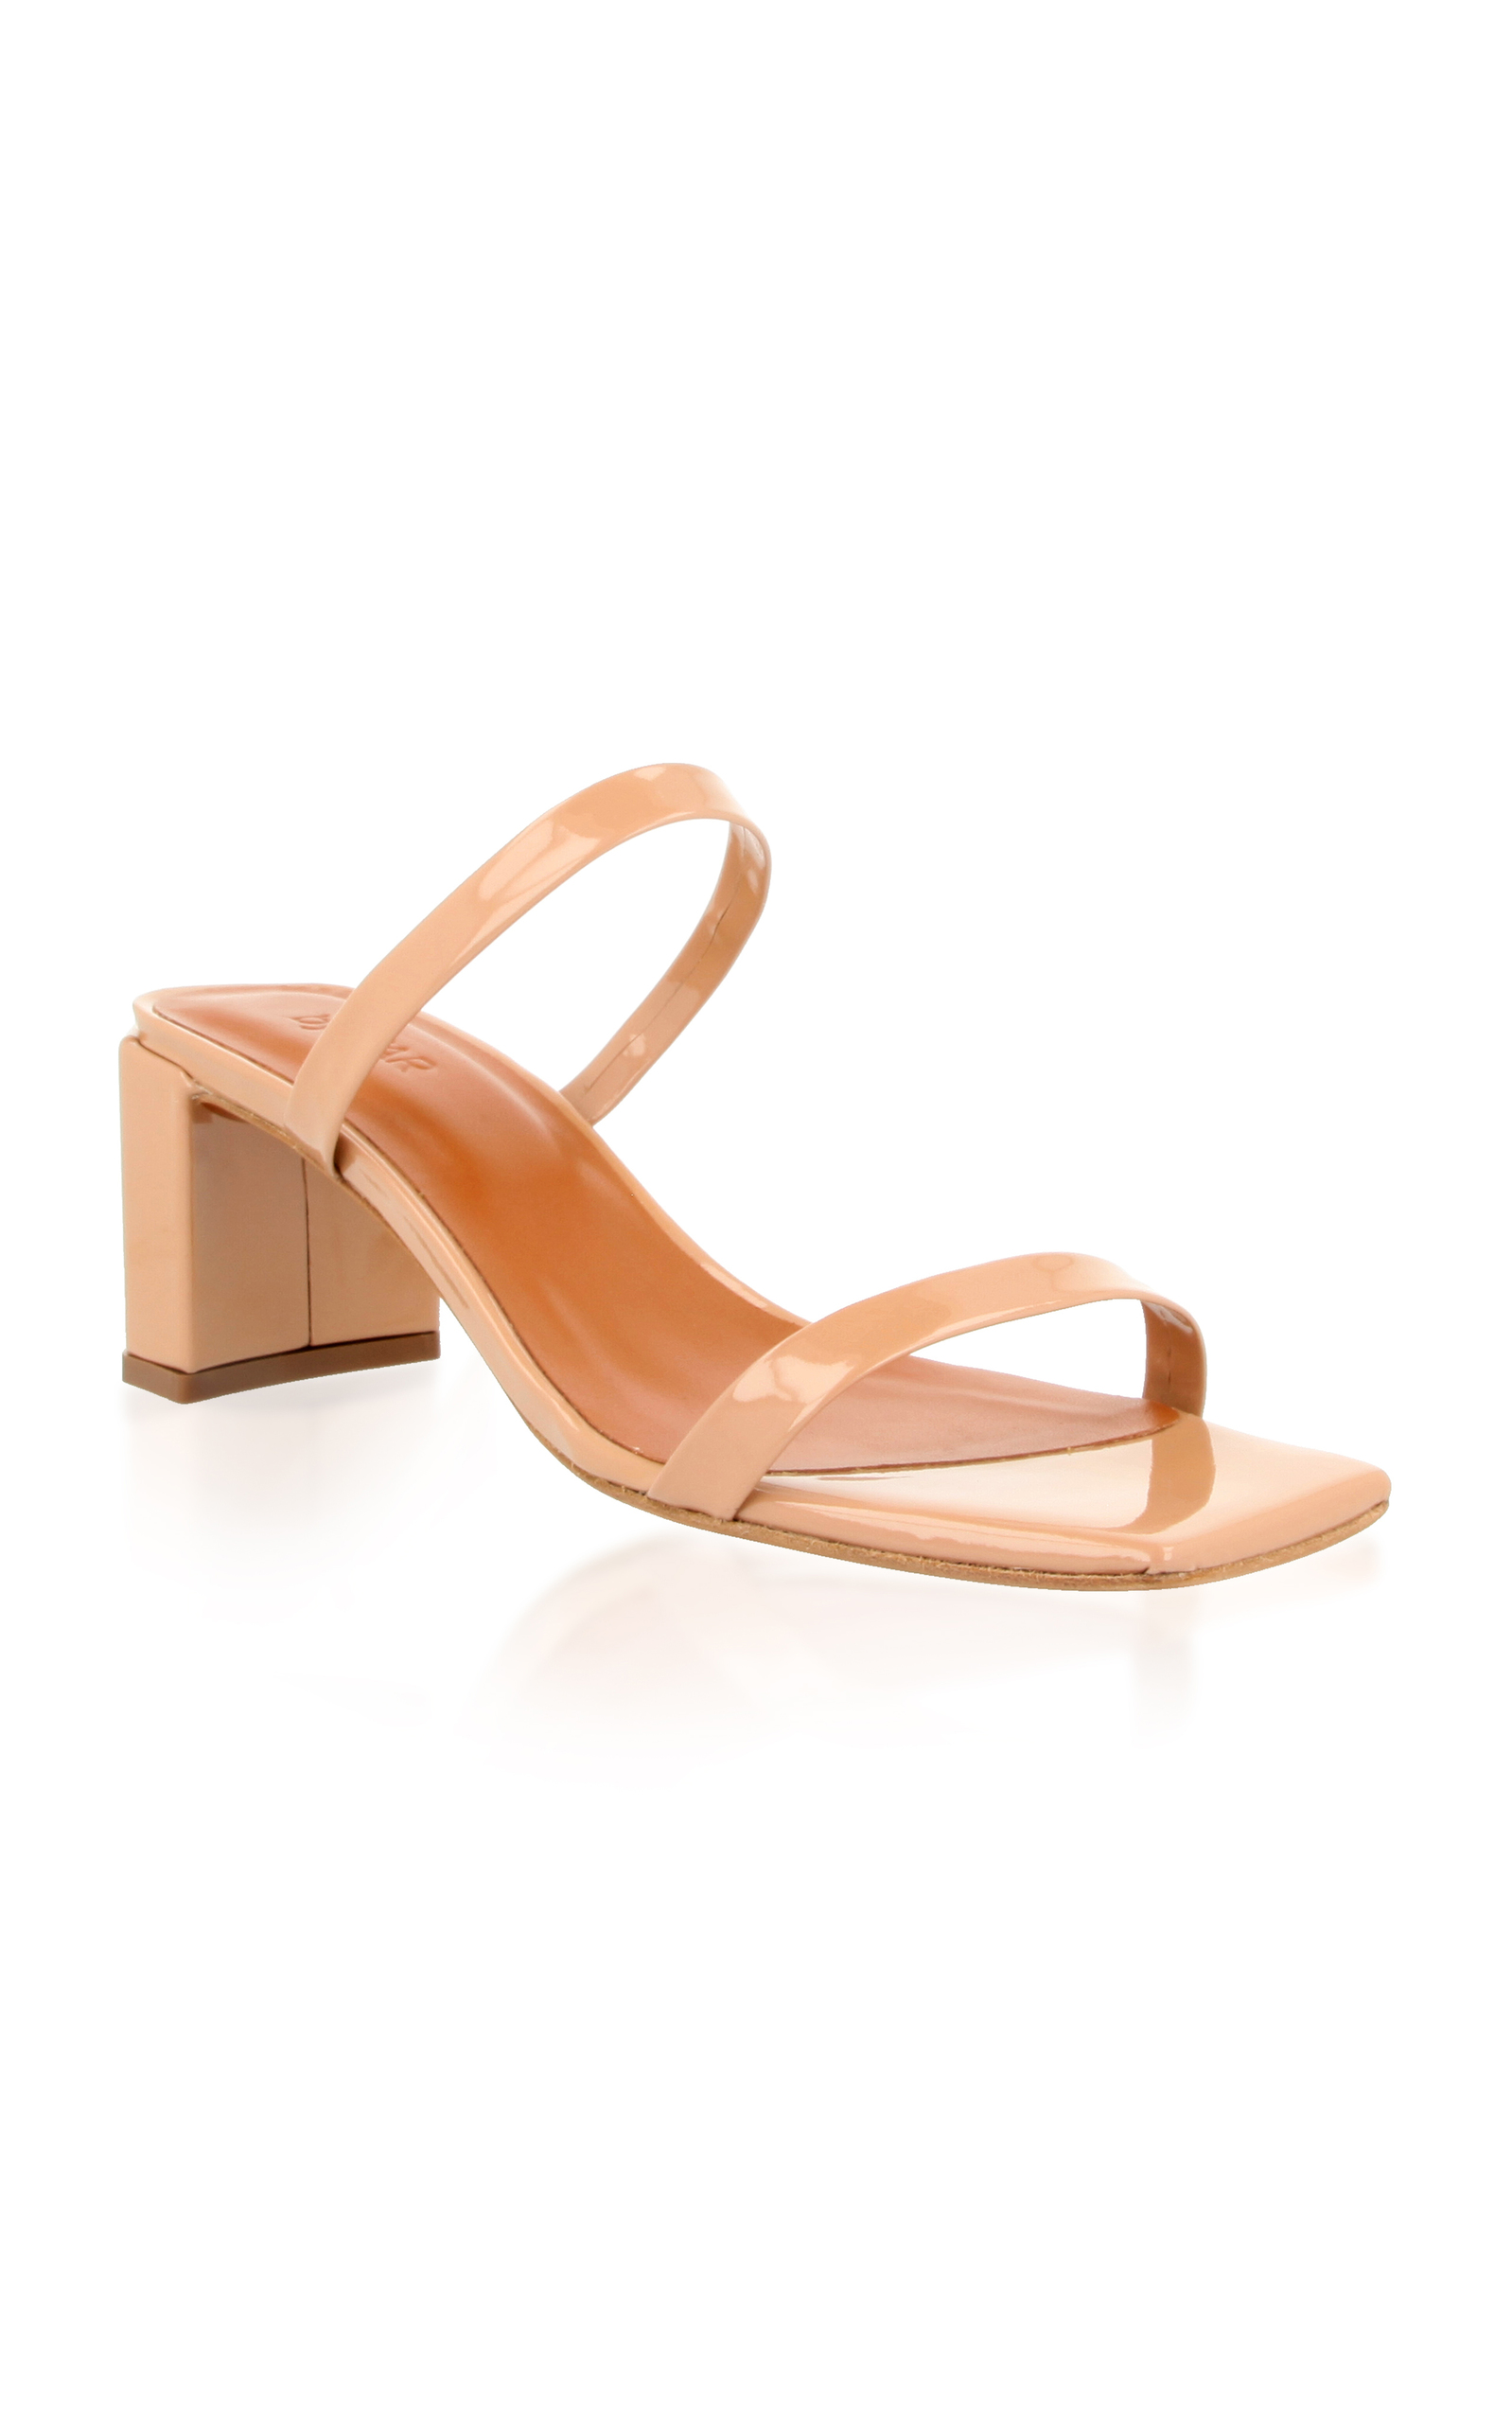 Tanya Leather Sandals - White by FAR bMgaE3u